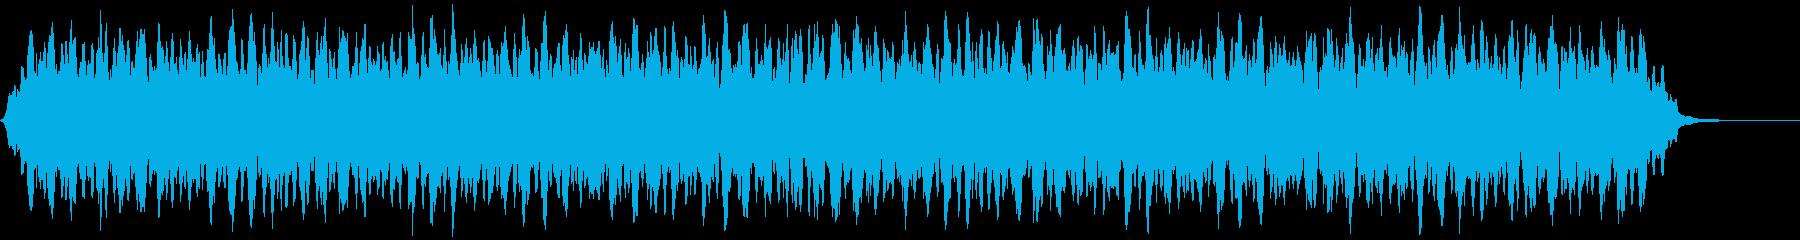 【アンビエント】ドローン_26 実験音の再生済みの波形